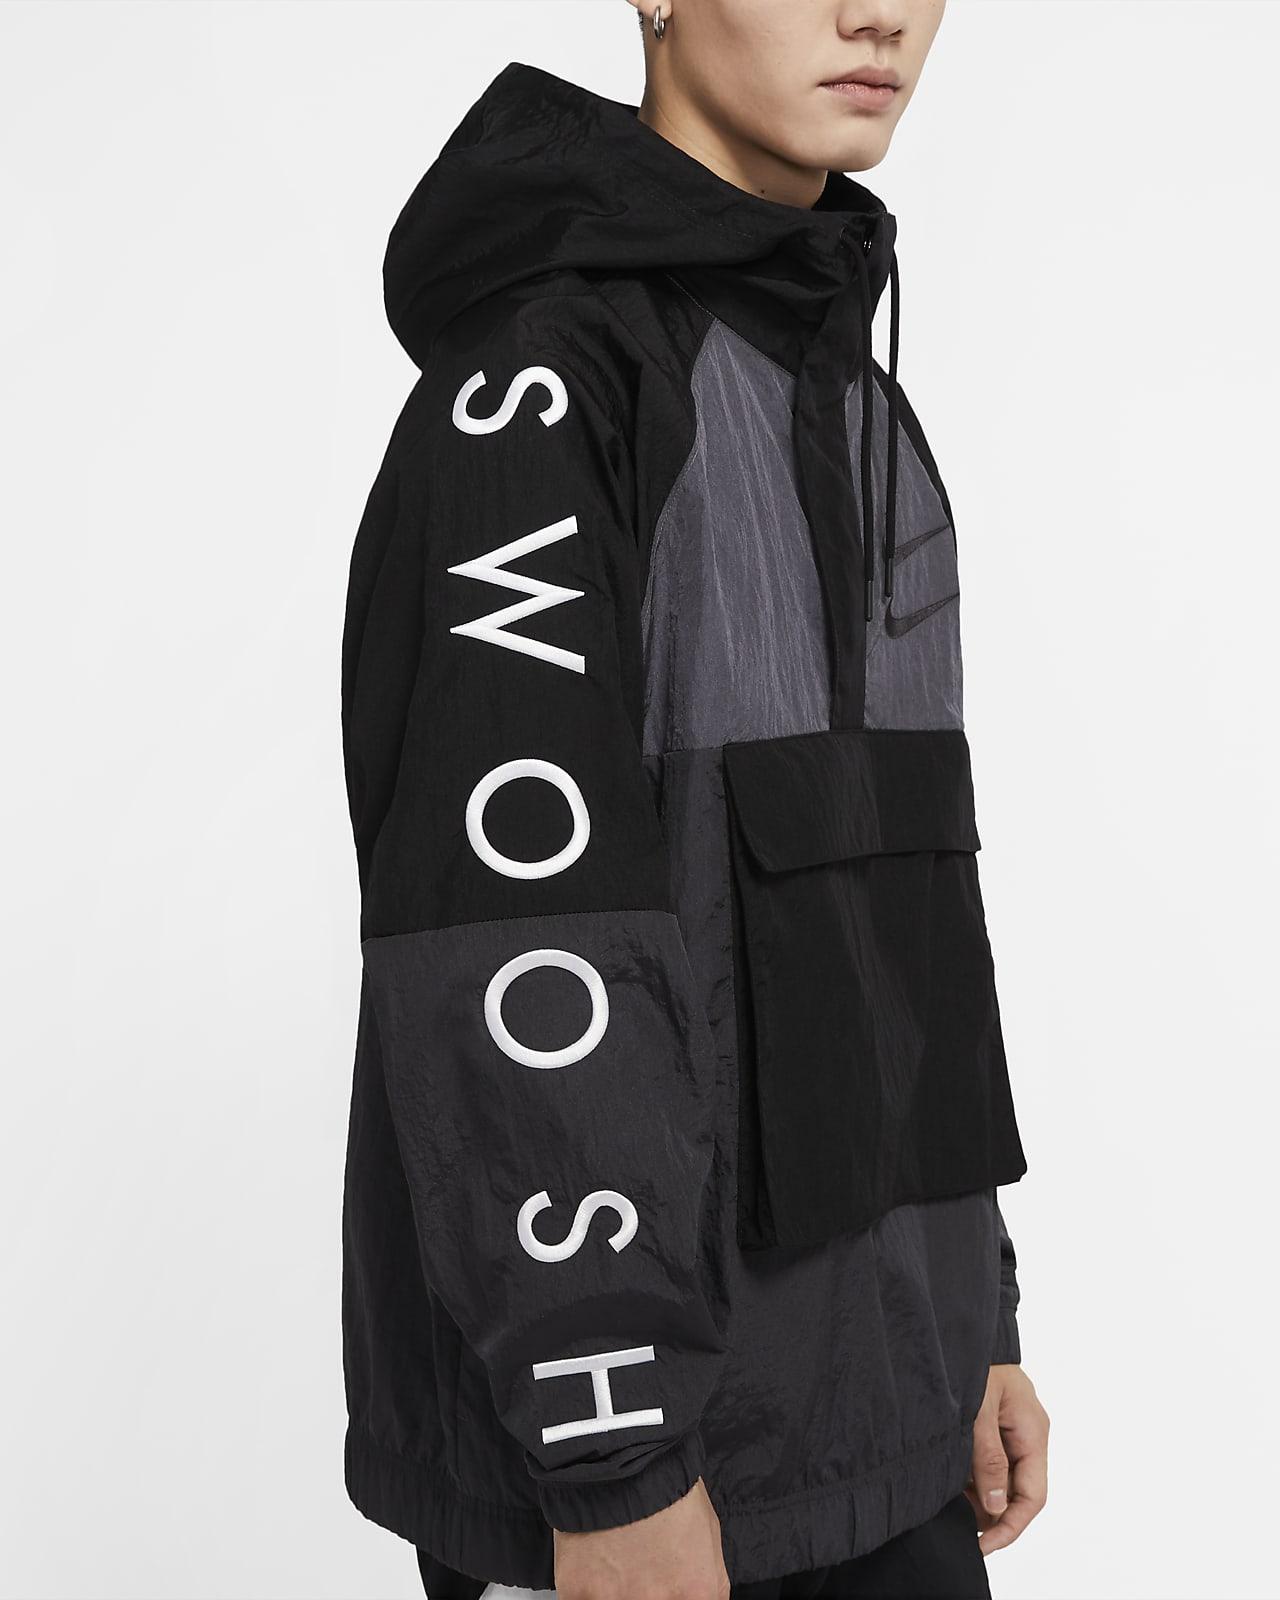 Nike Sportswear Swoosh Men's Woven Jacket. Nike NO